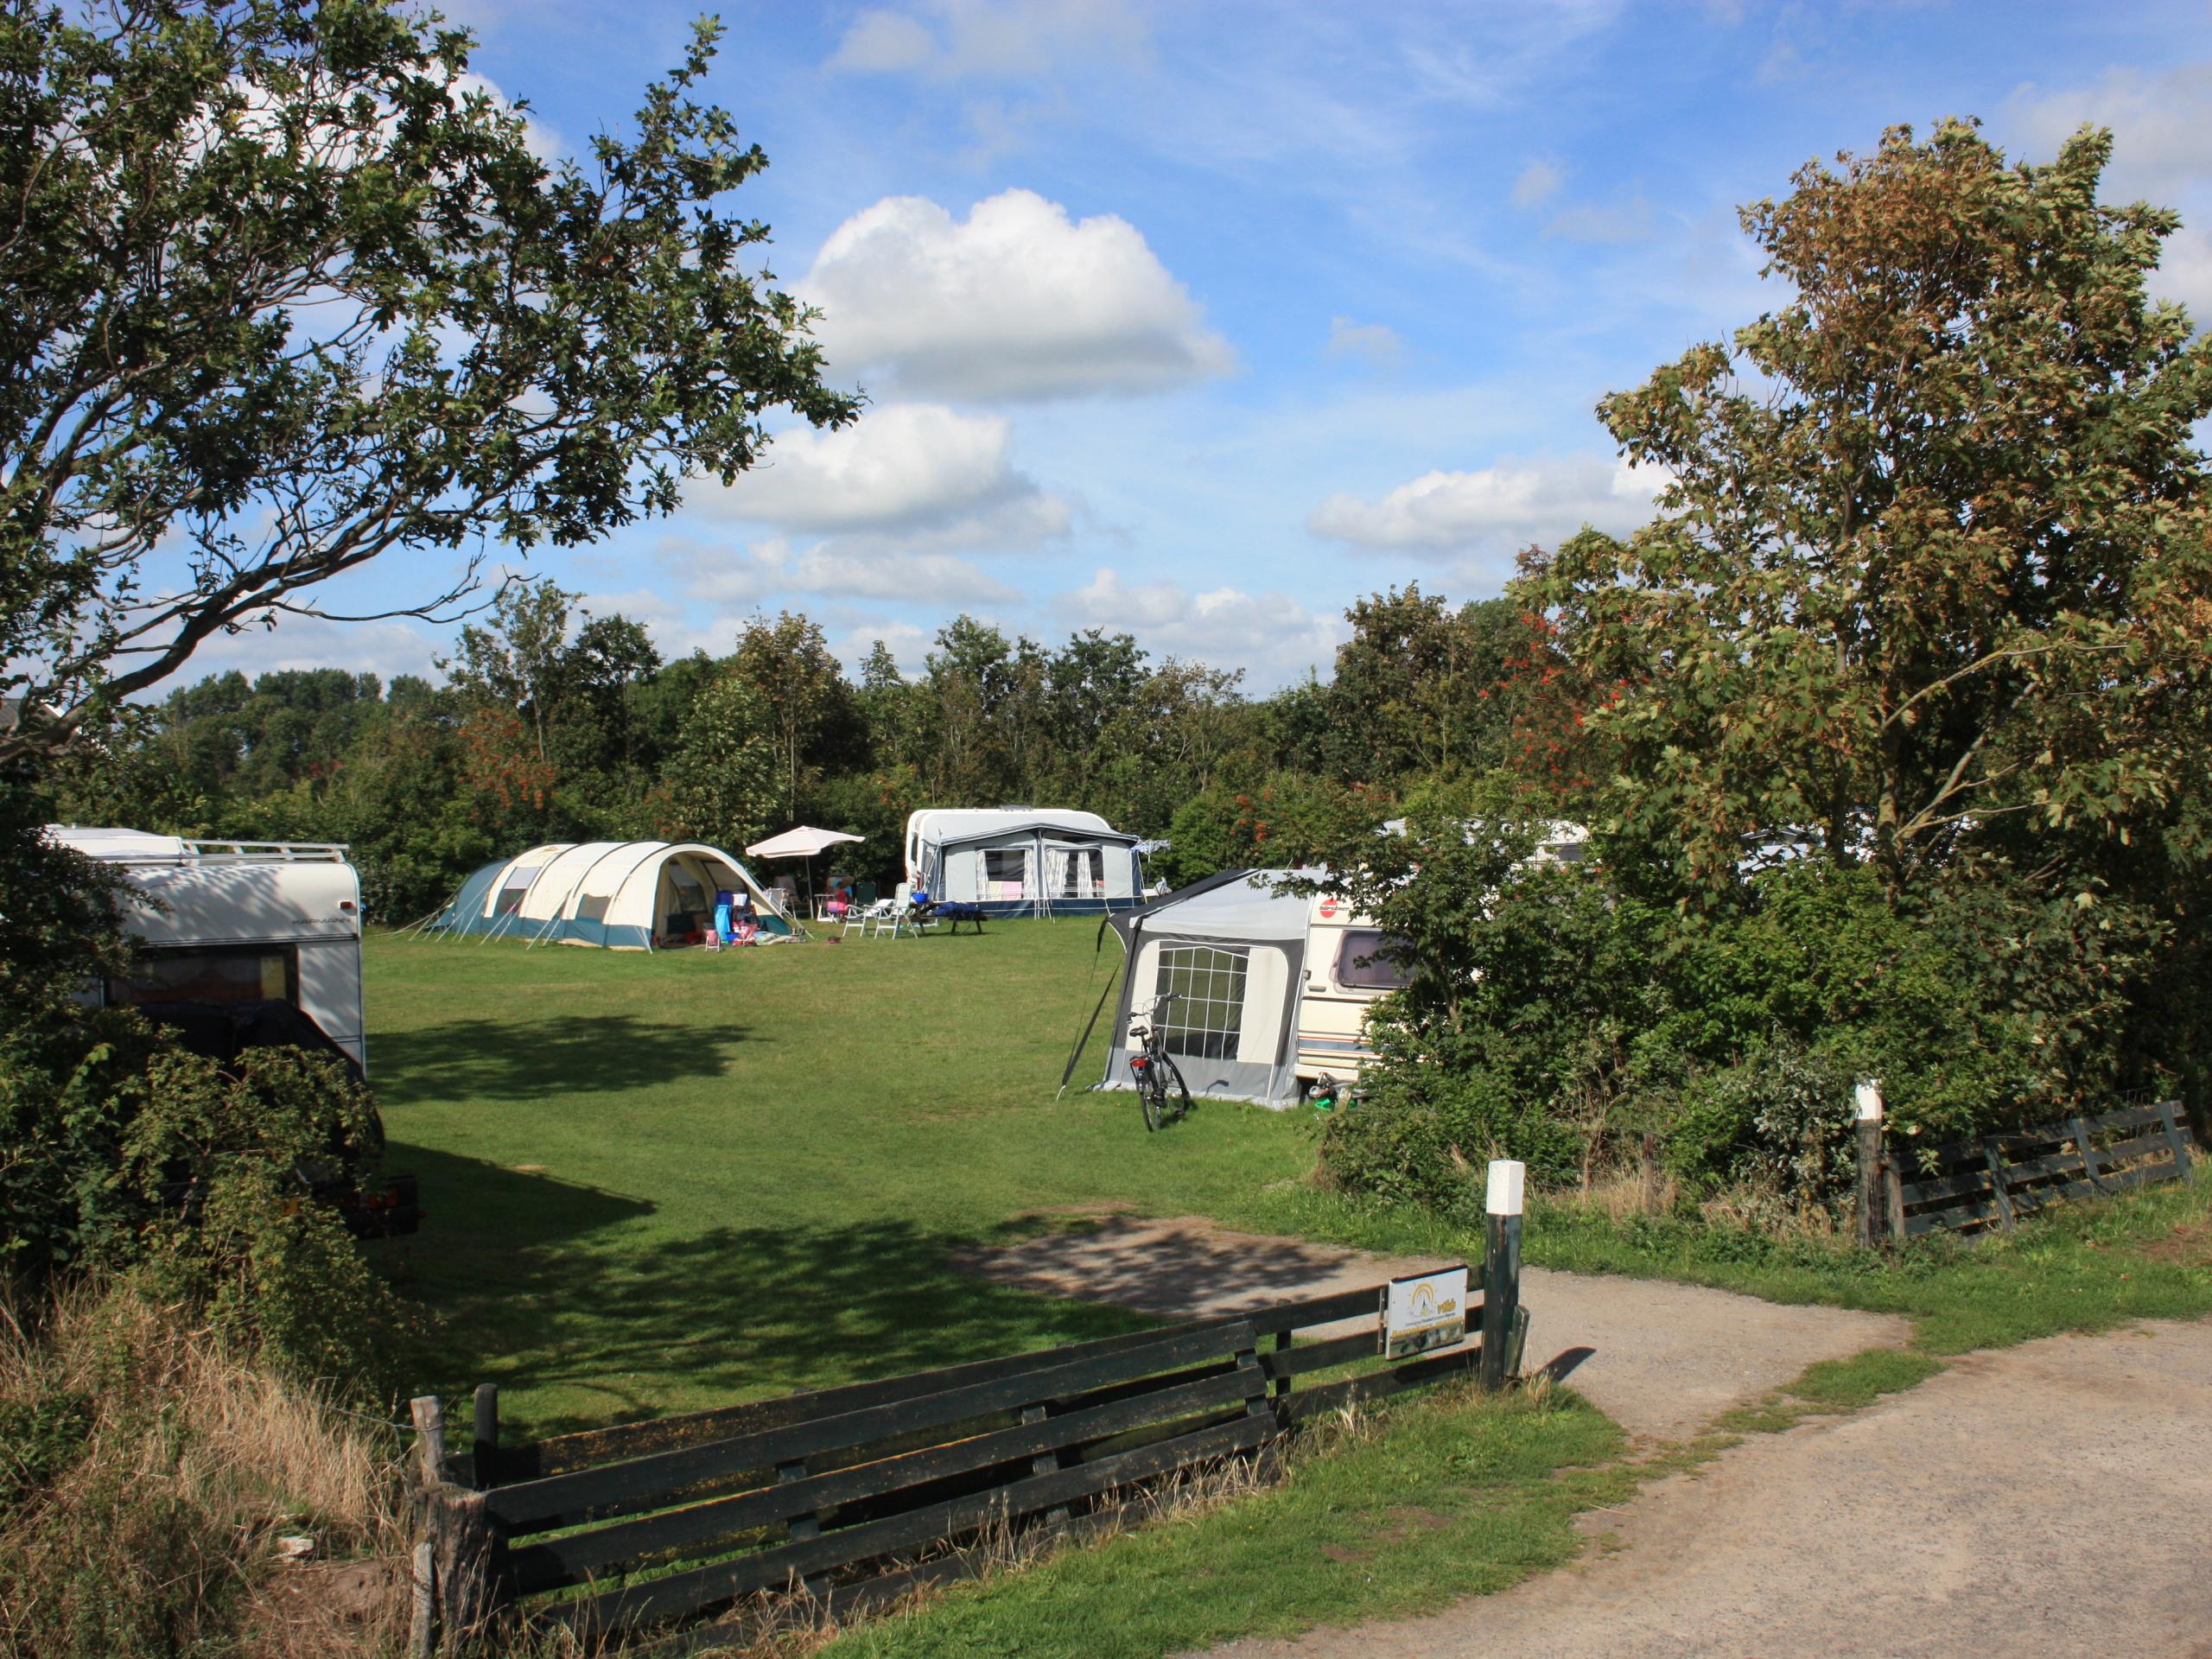 In Ruhe campen auf einem denkmalgeschützten Bauernhof bei Den Burg